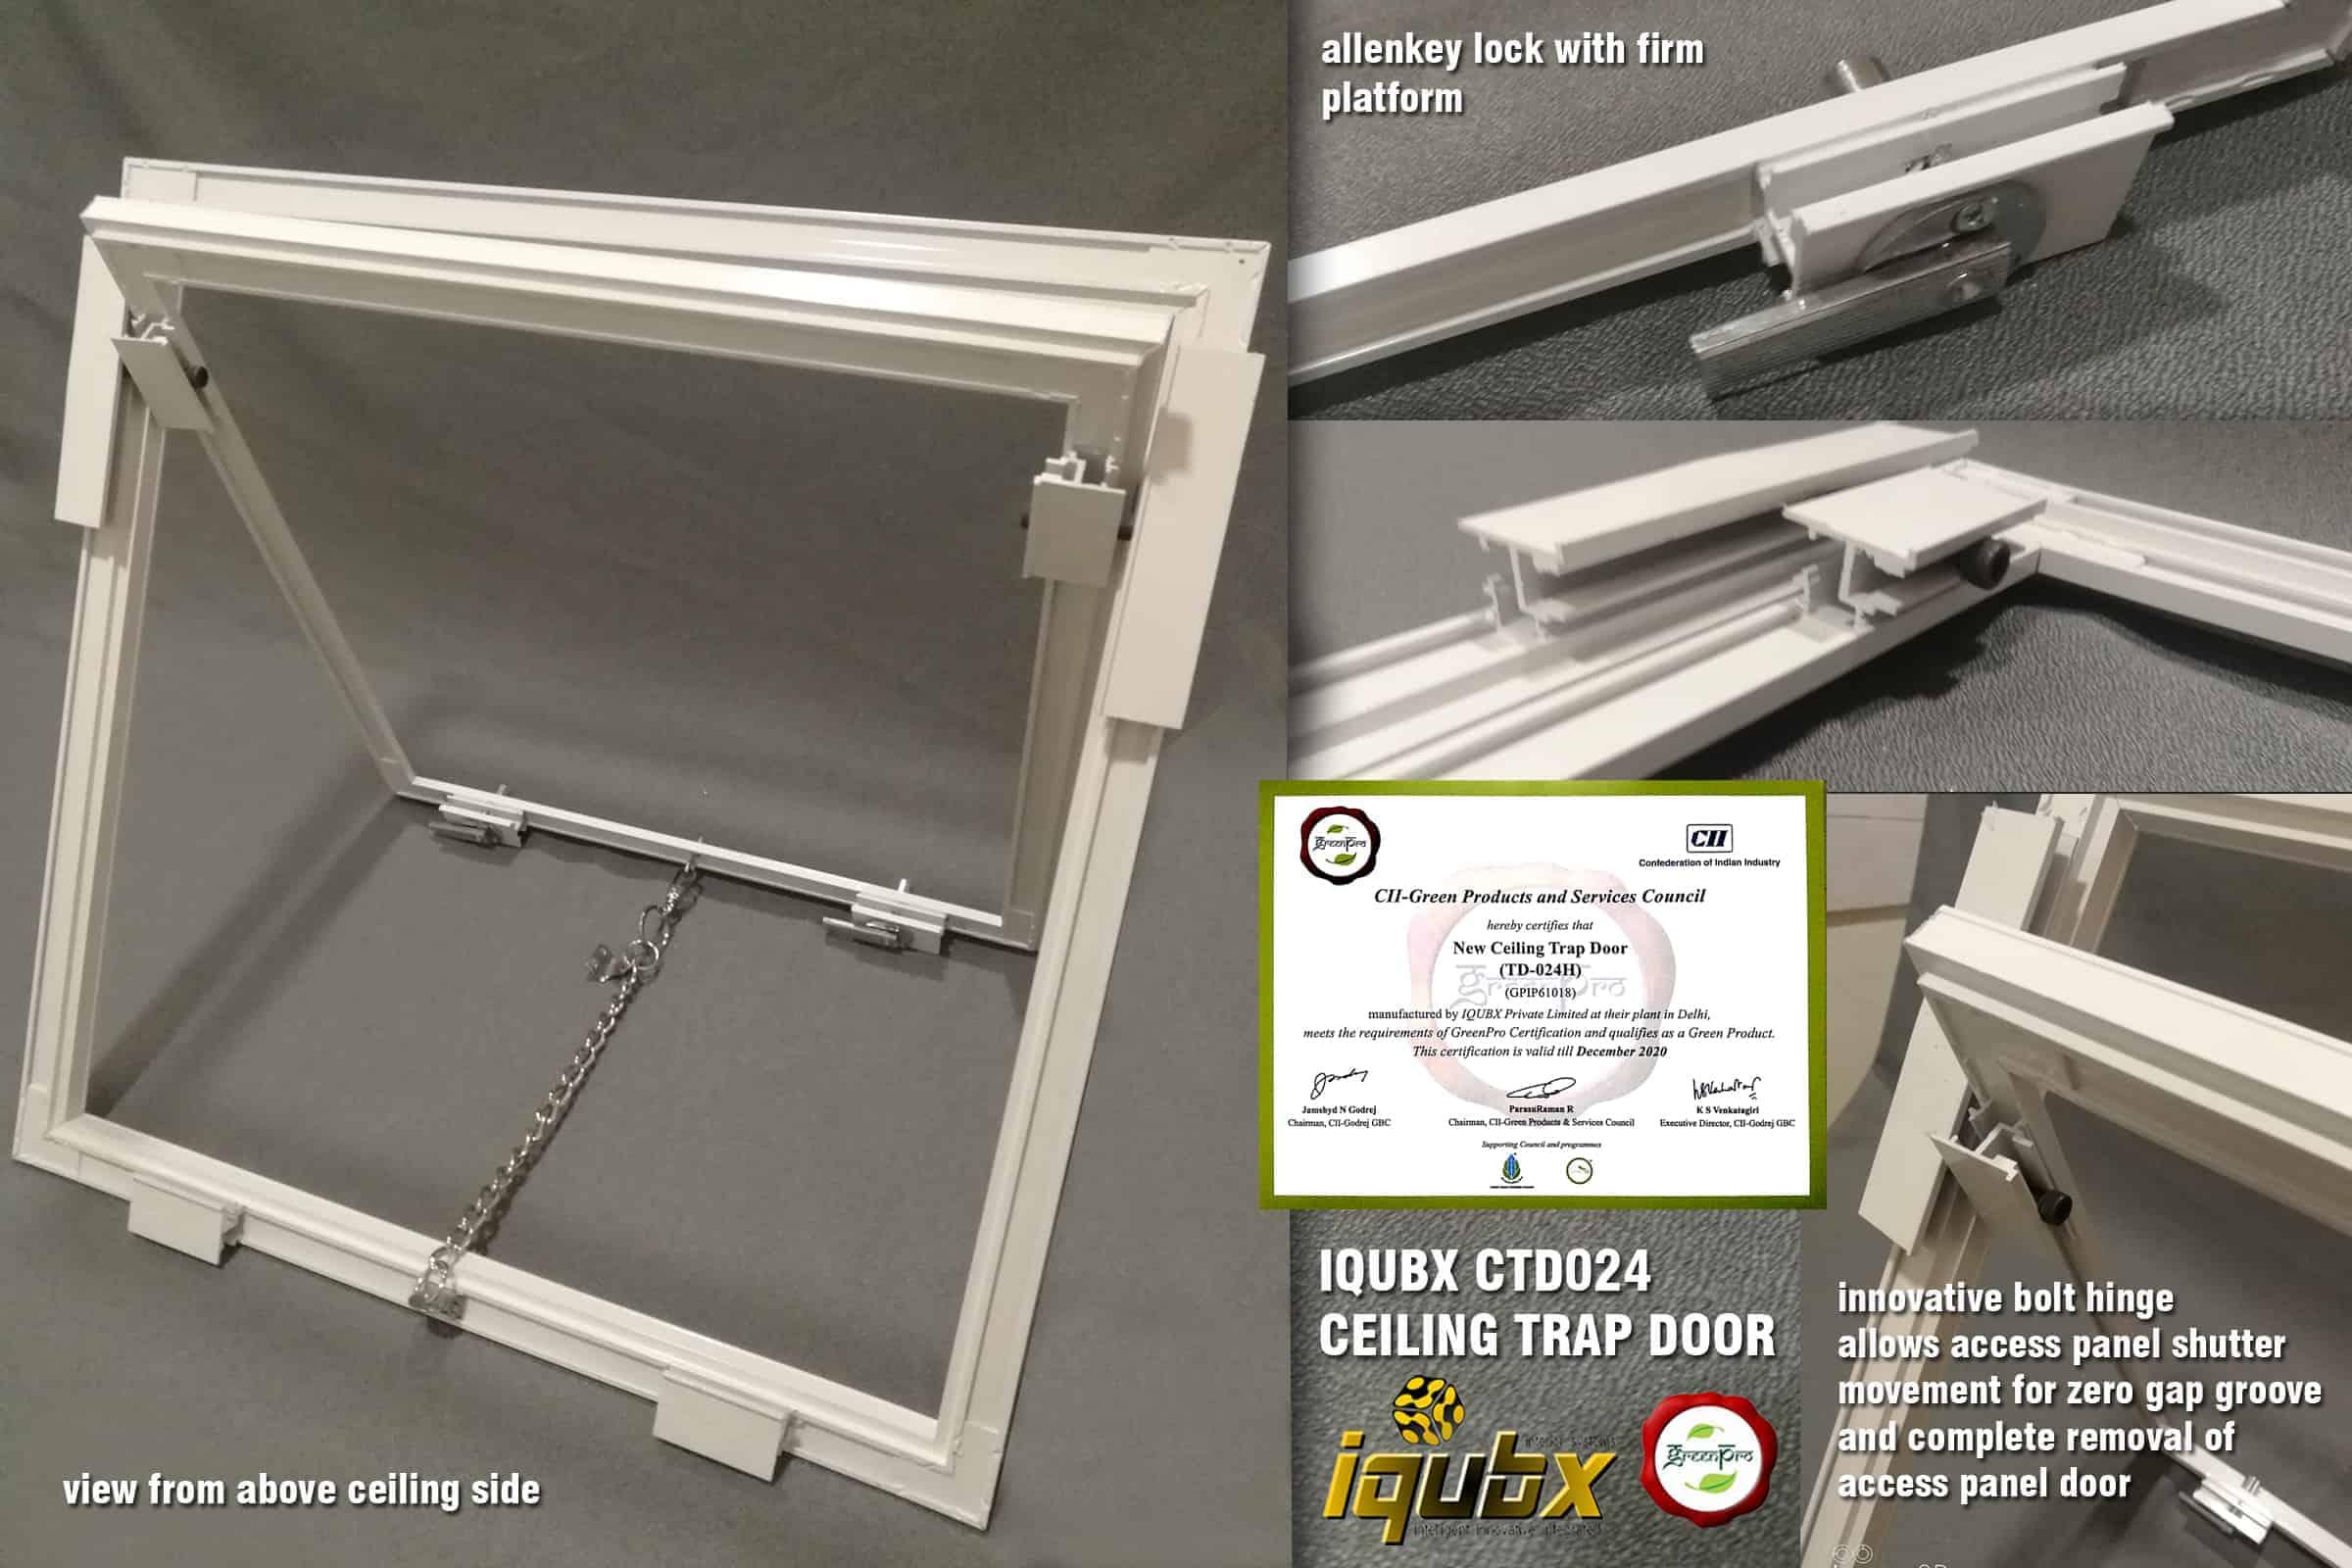 IQUBX CTD024 CEILING TRAP DOOR CONSTRUCTION